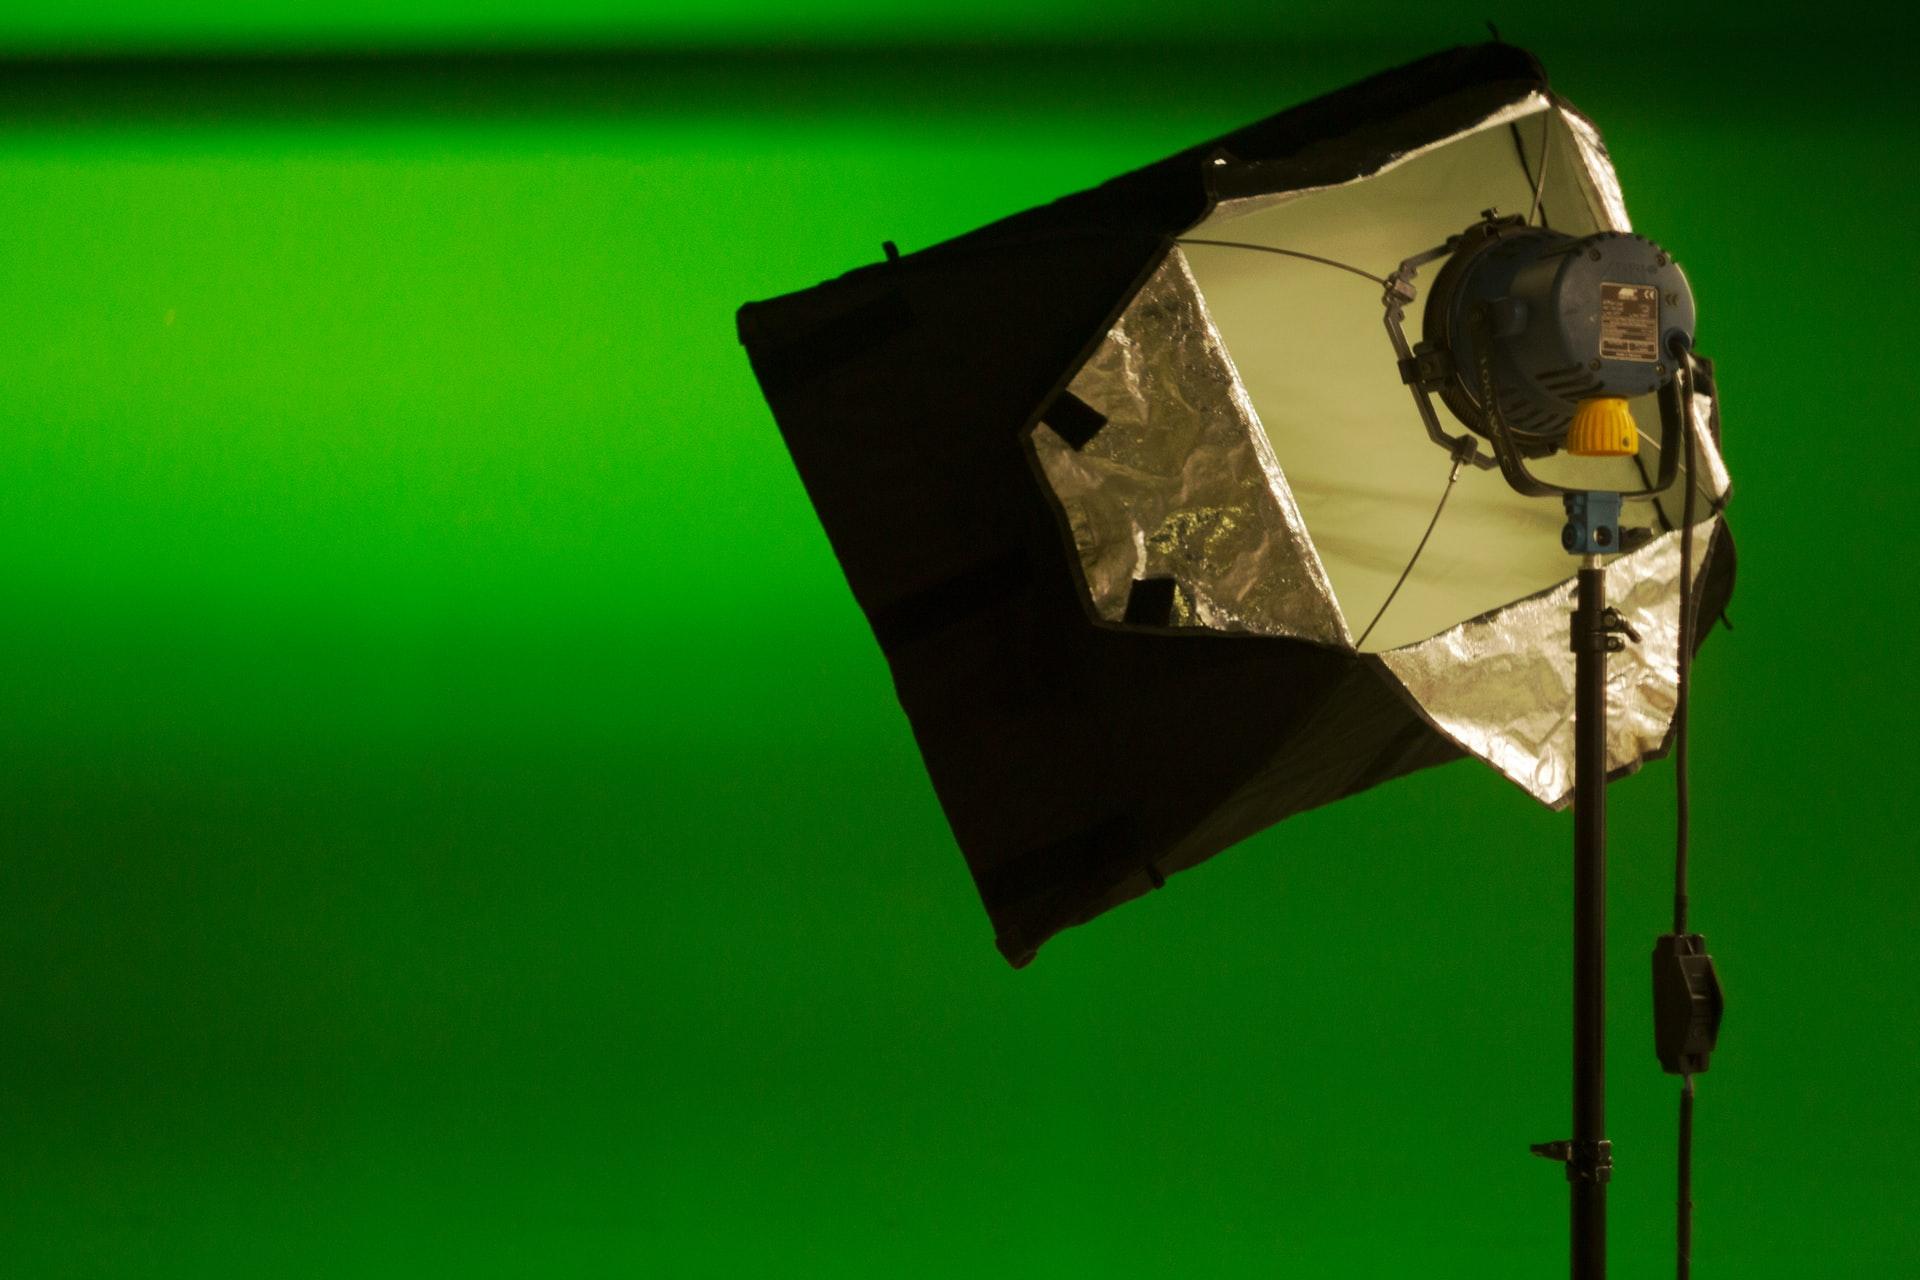 grabando con pantalla verde